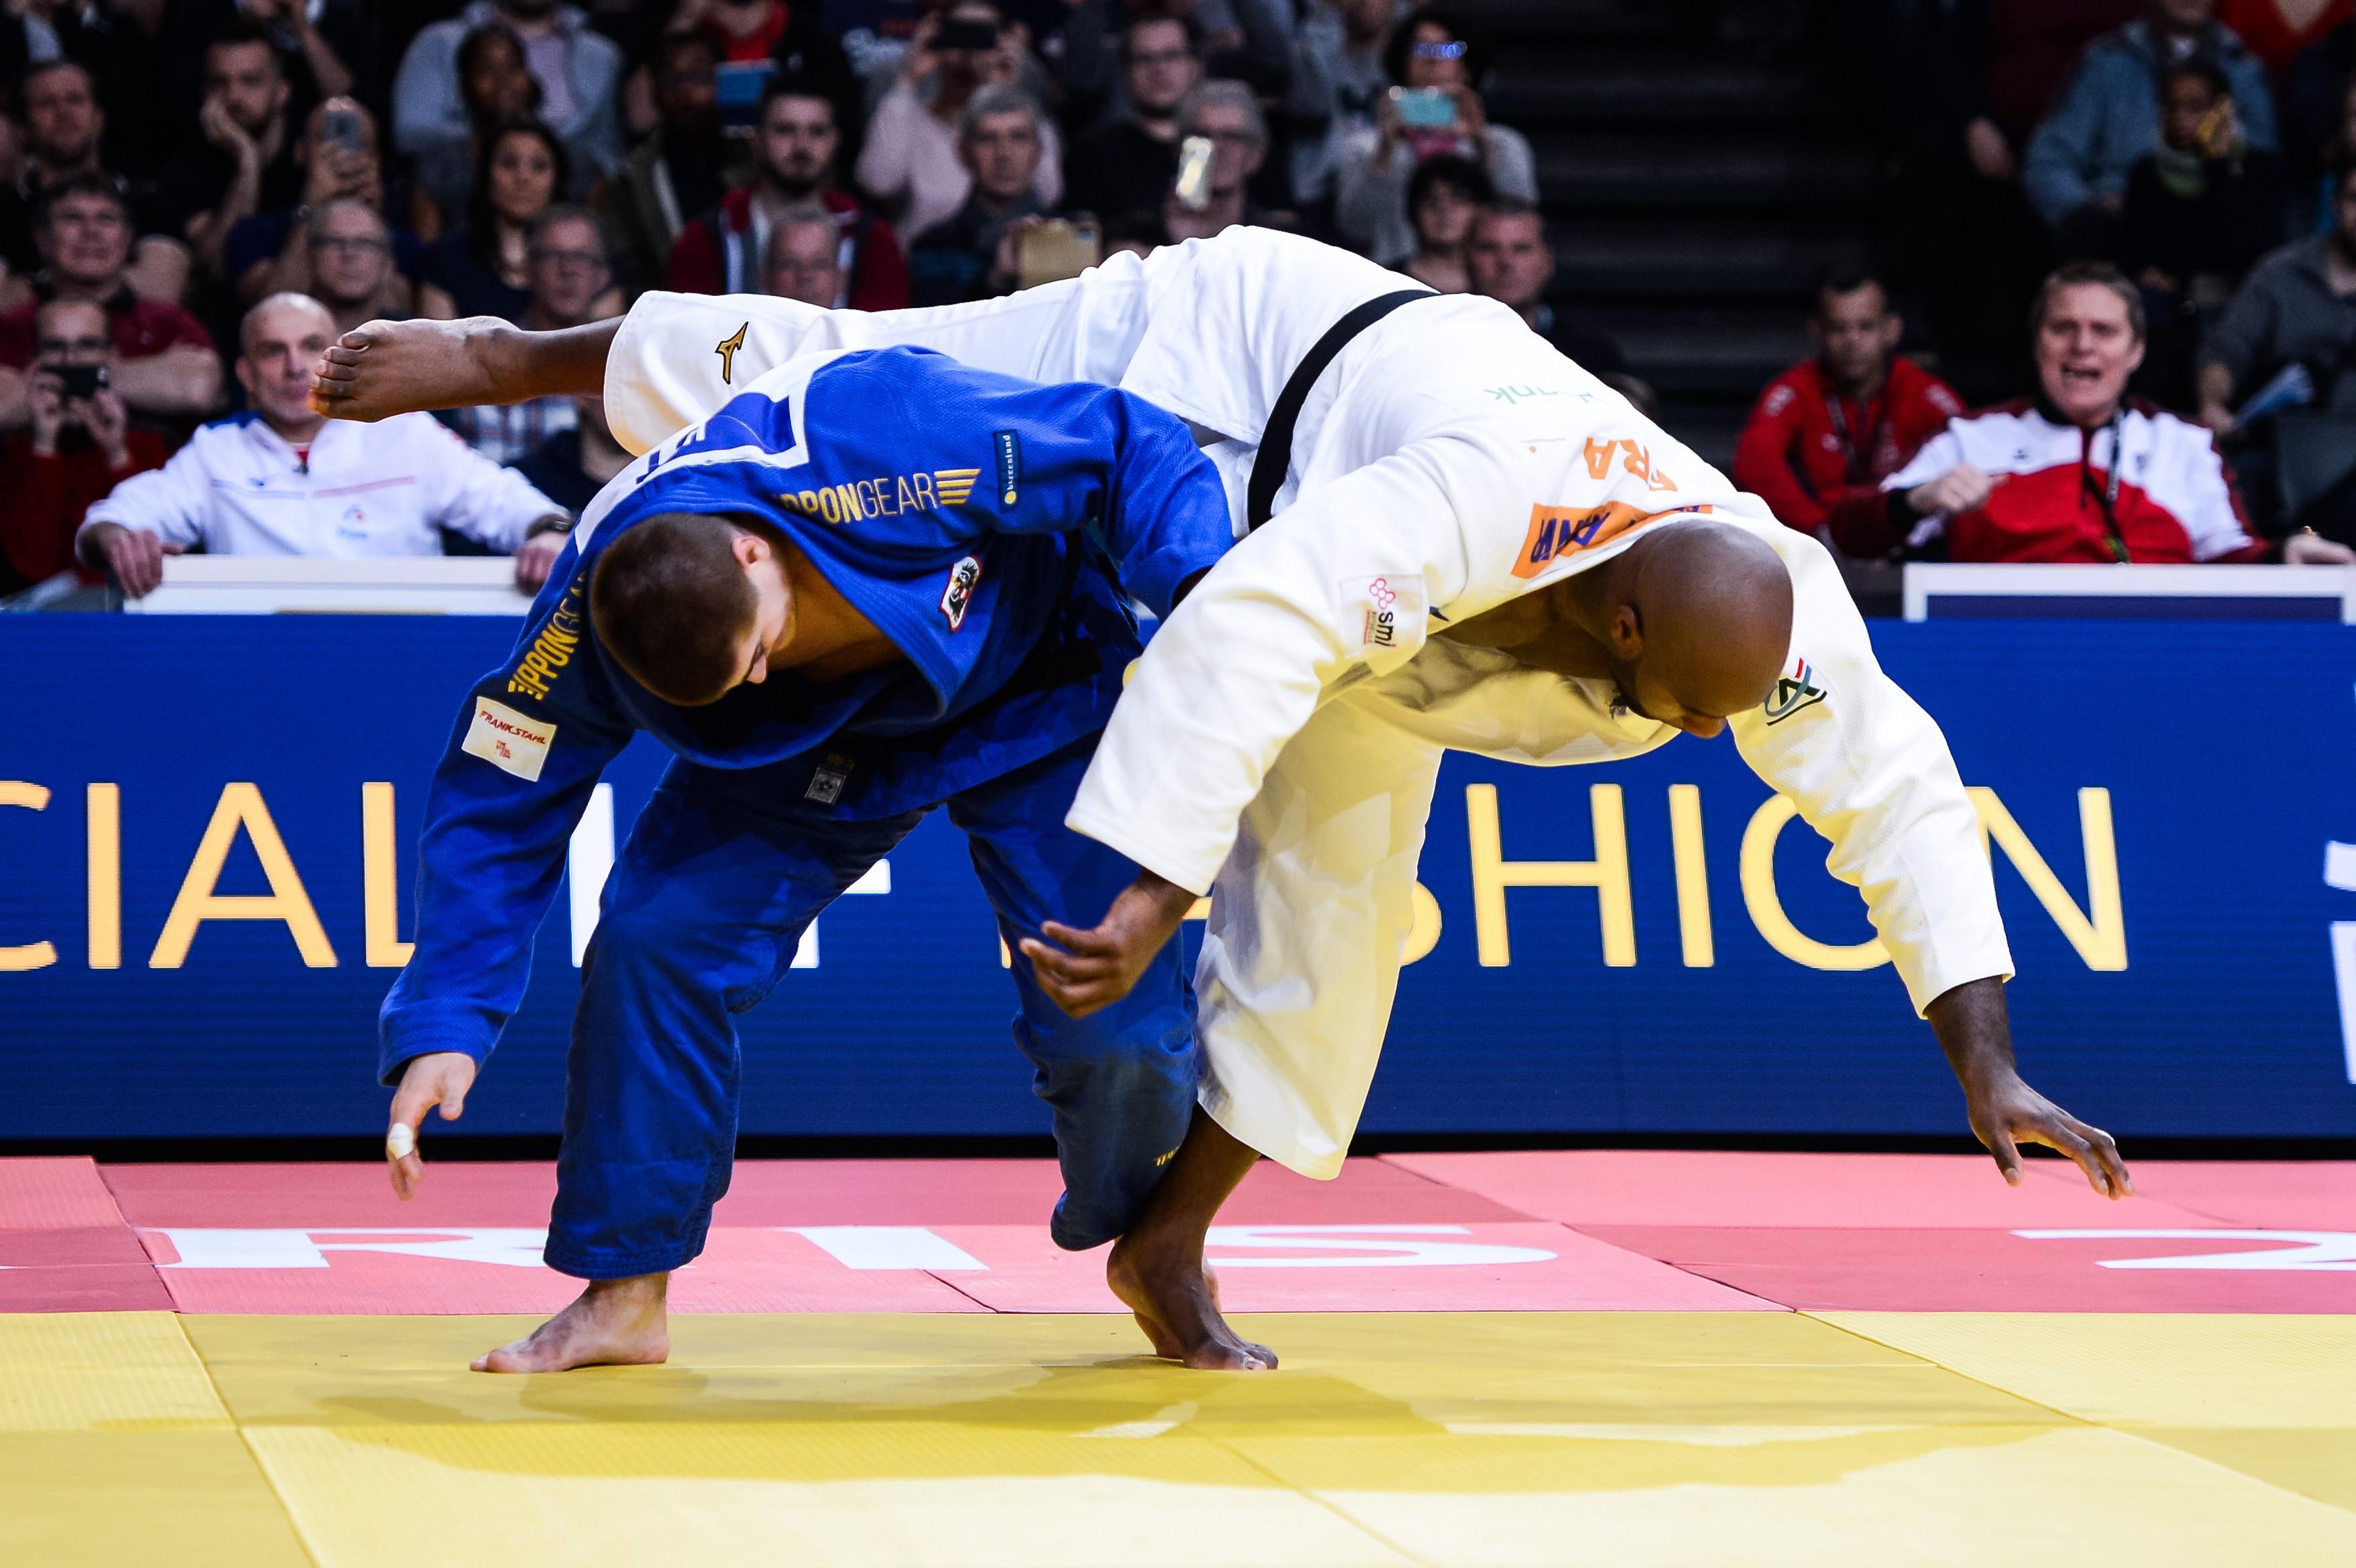 Teddy Riner contre Stephan Hegyi au Grand Slam de Paris 2020